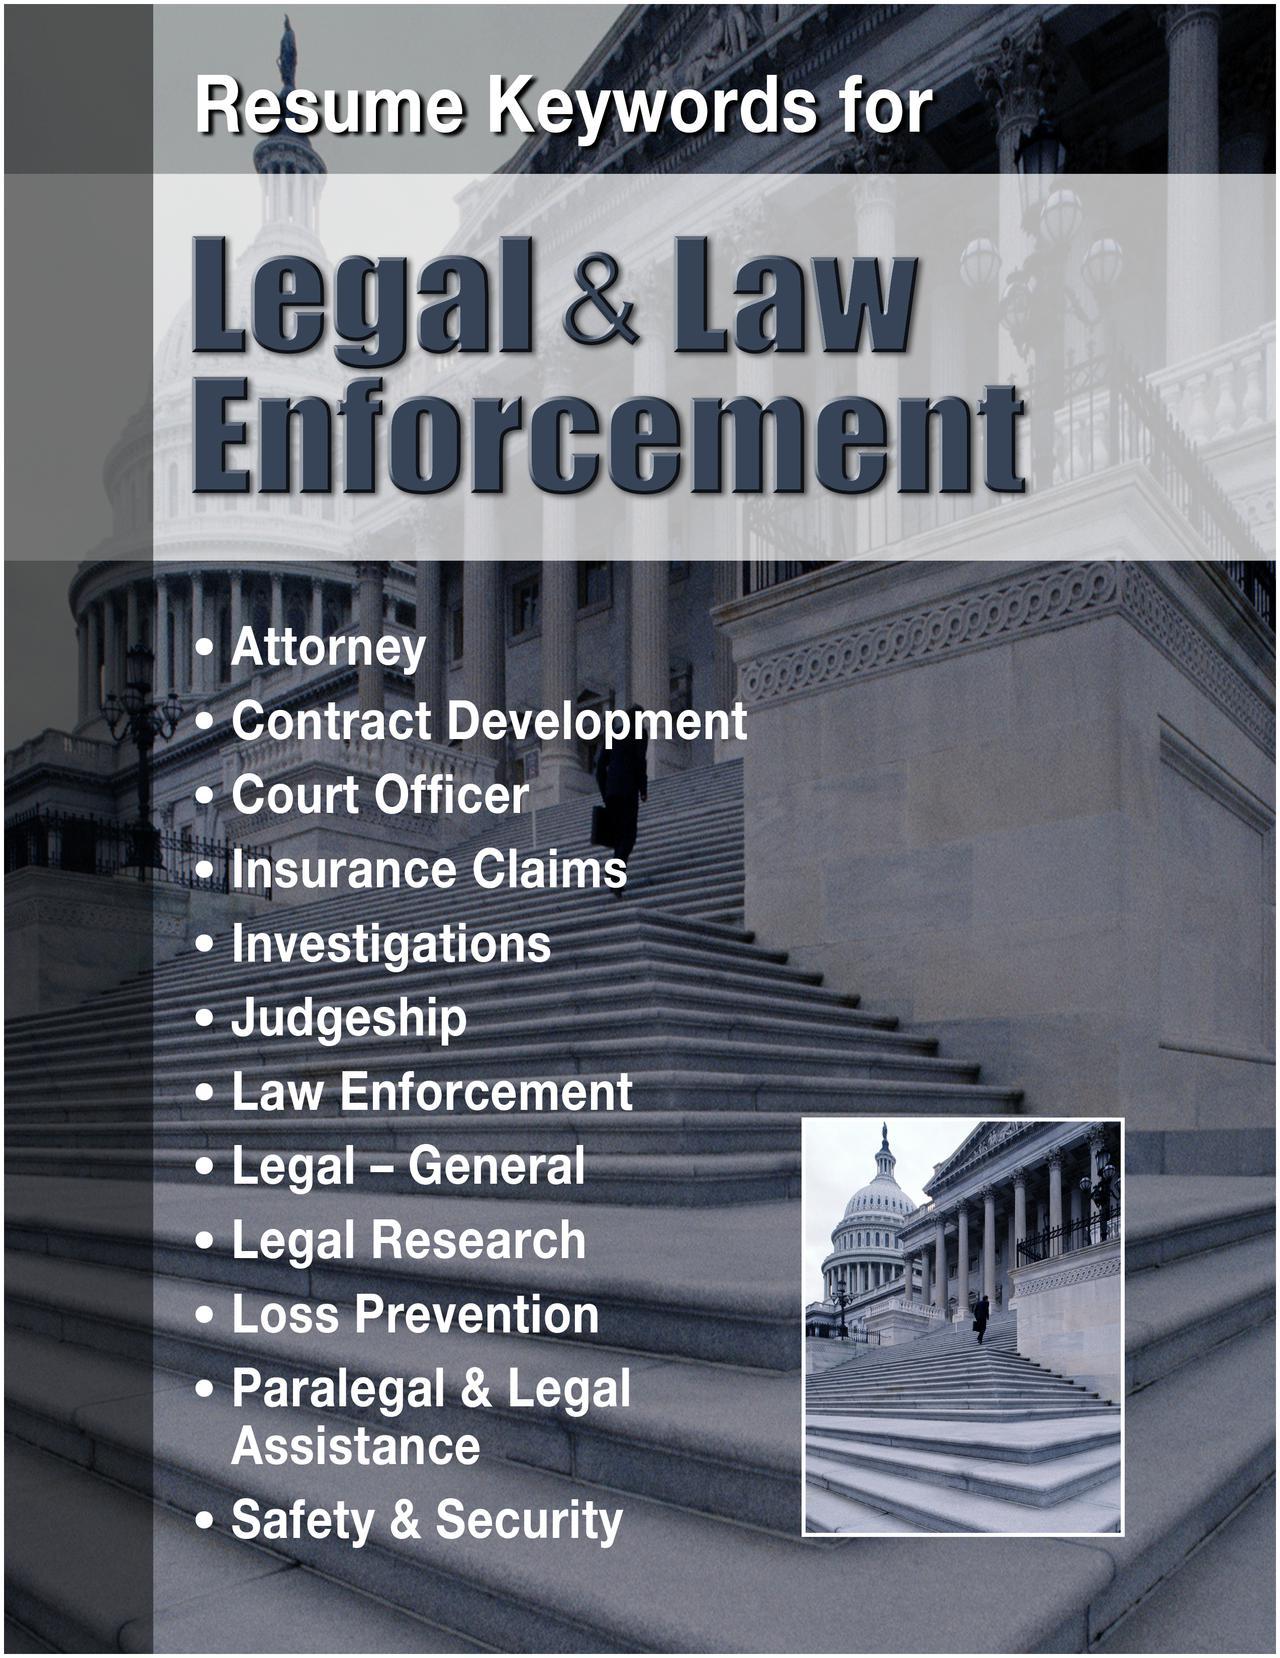 legal & law enforcement divider.jpg